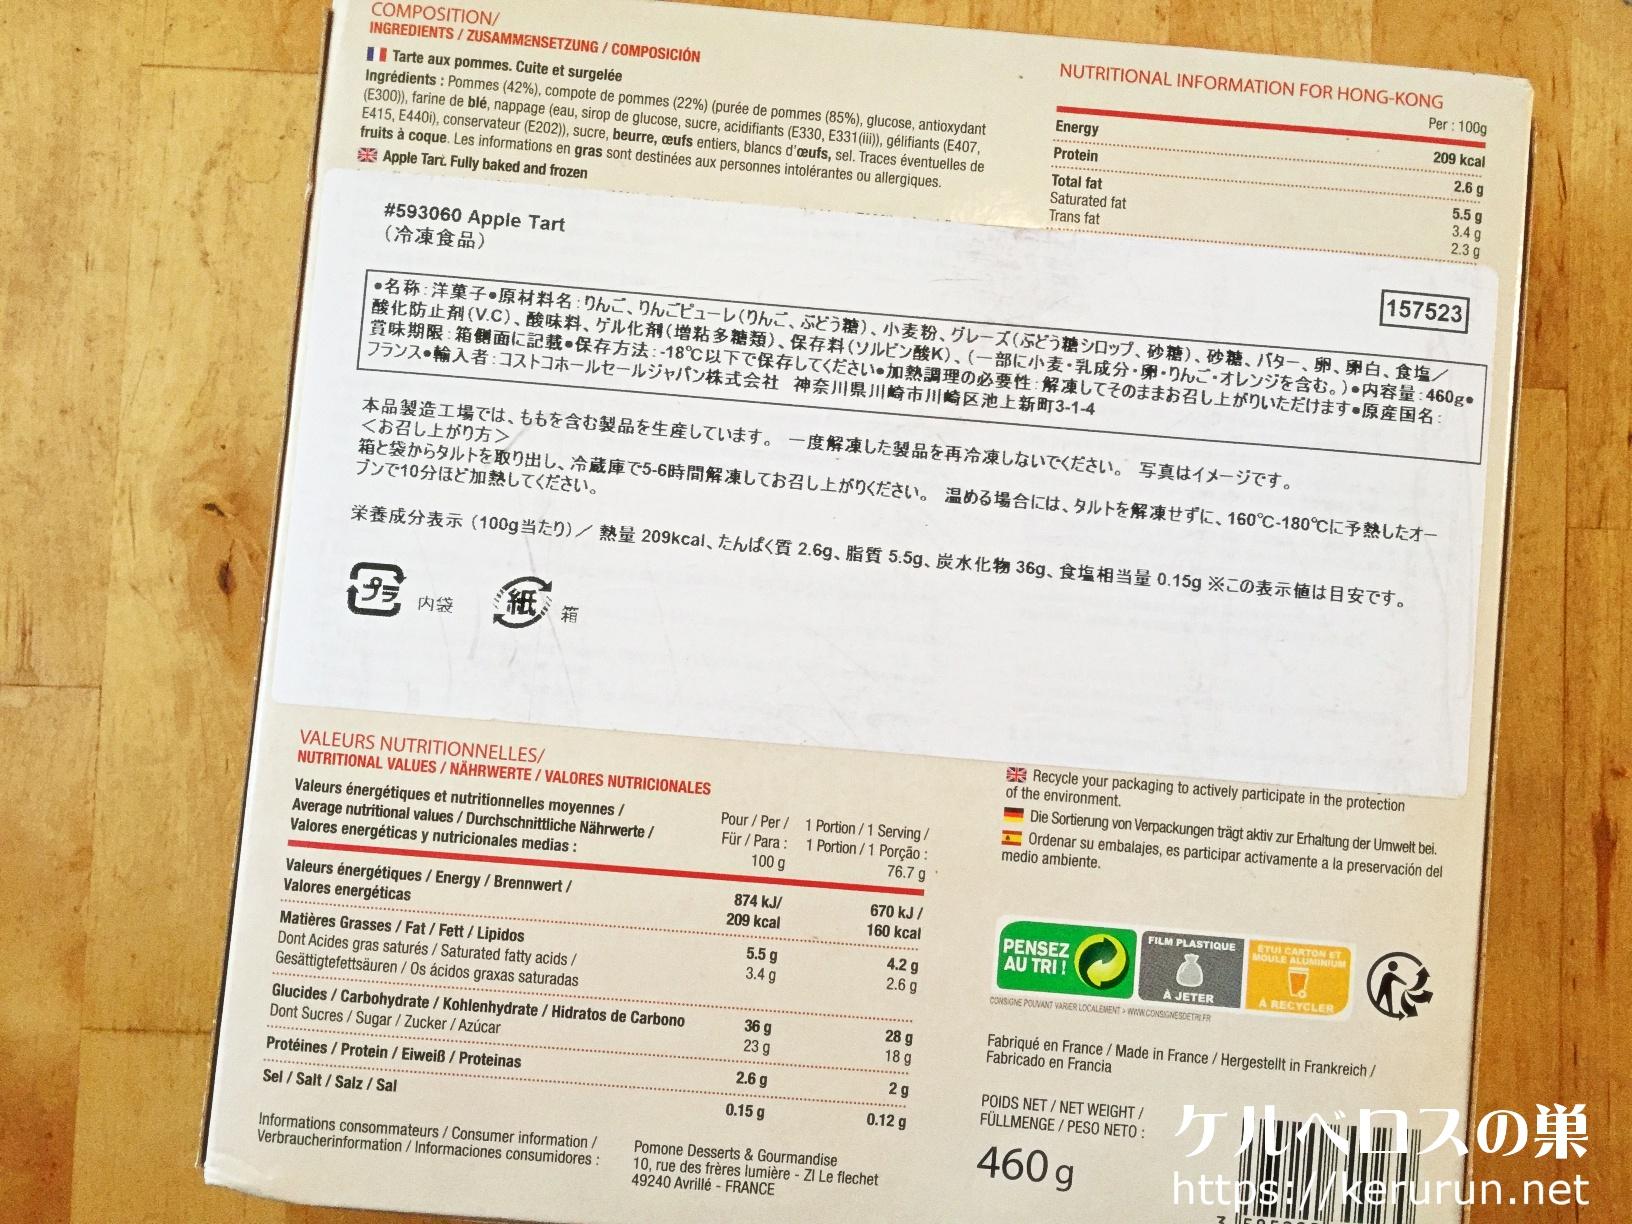 【コストコ】フランス産POMONEアップルタルト(冷凍)